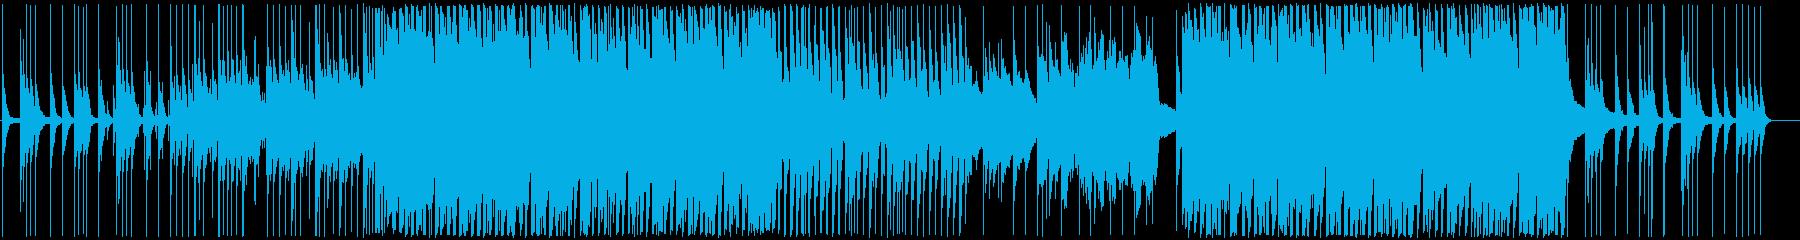 穏やかな夏を表現したトロピカル・ハウスの再生済みの波形